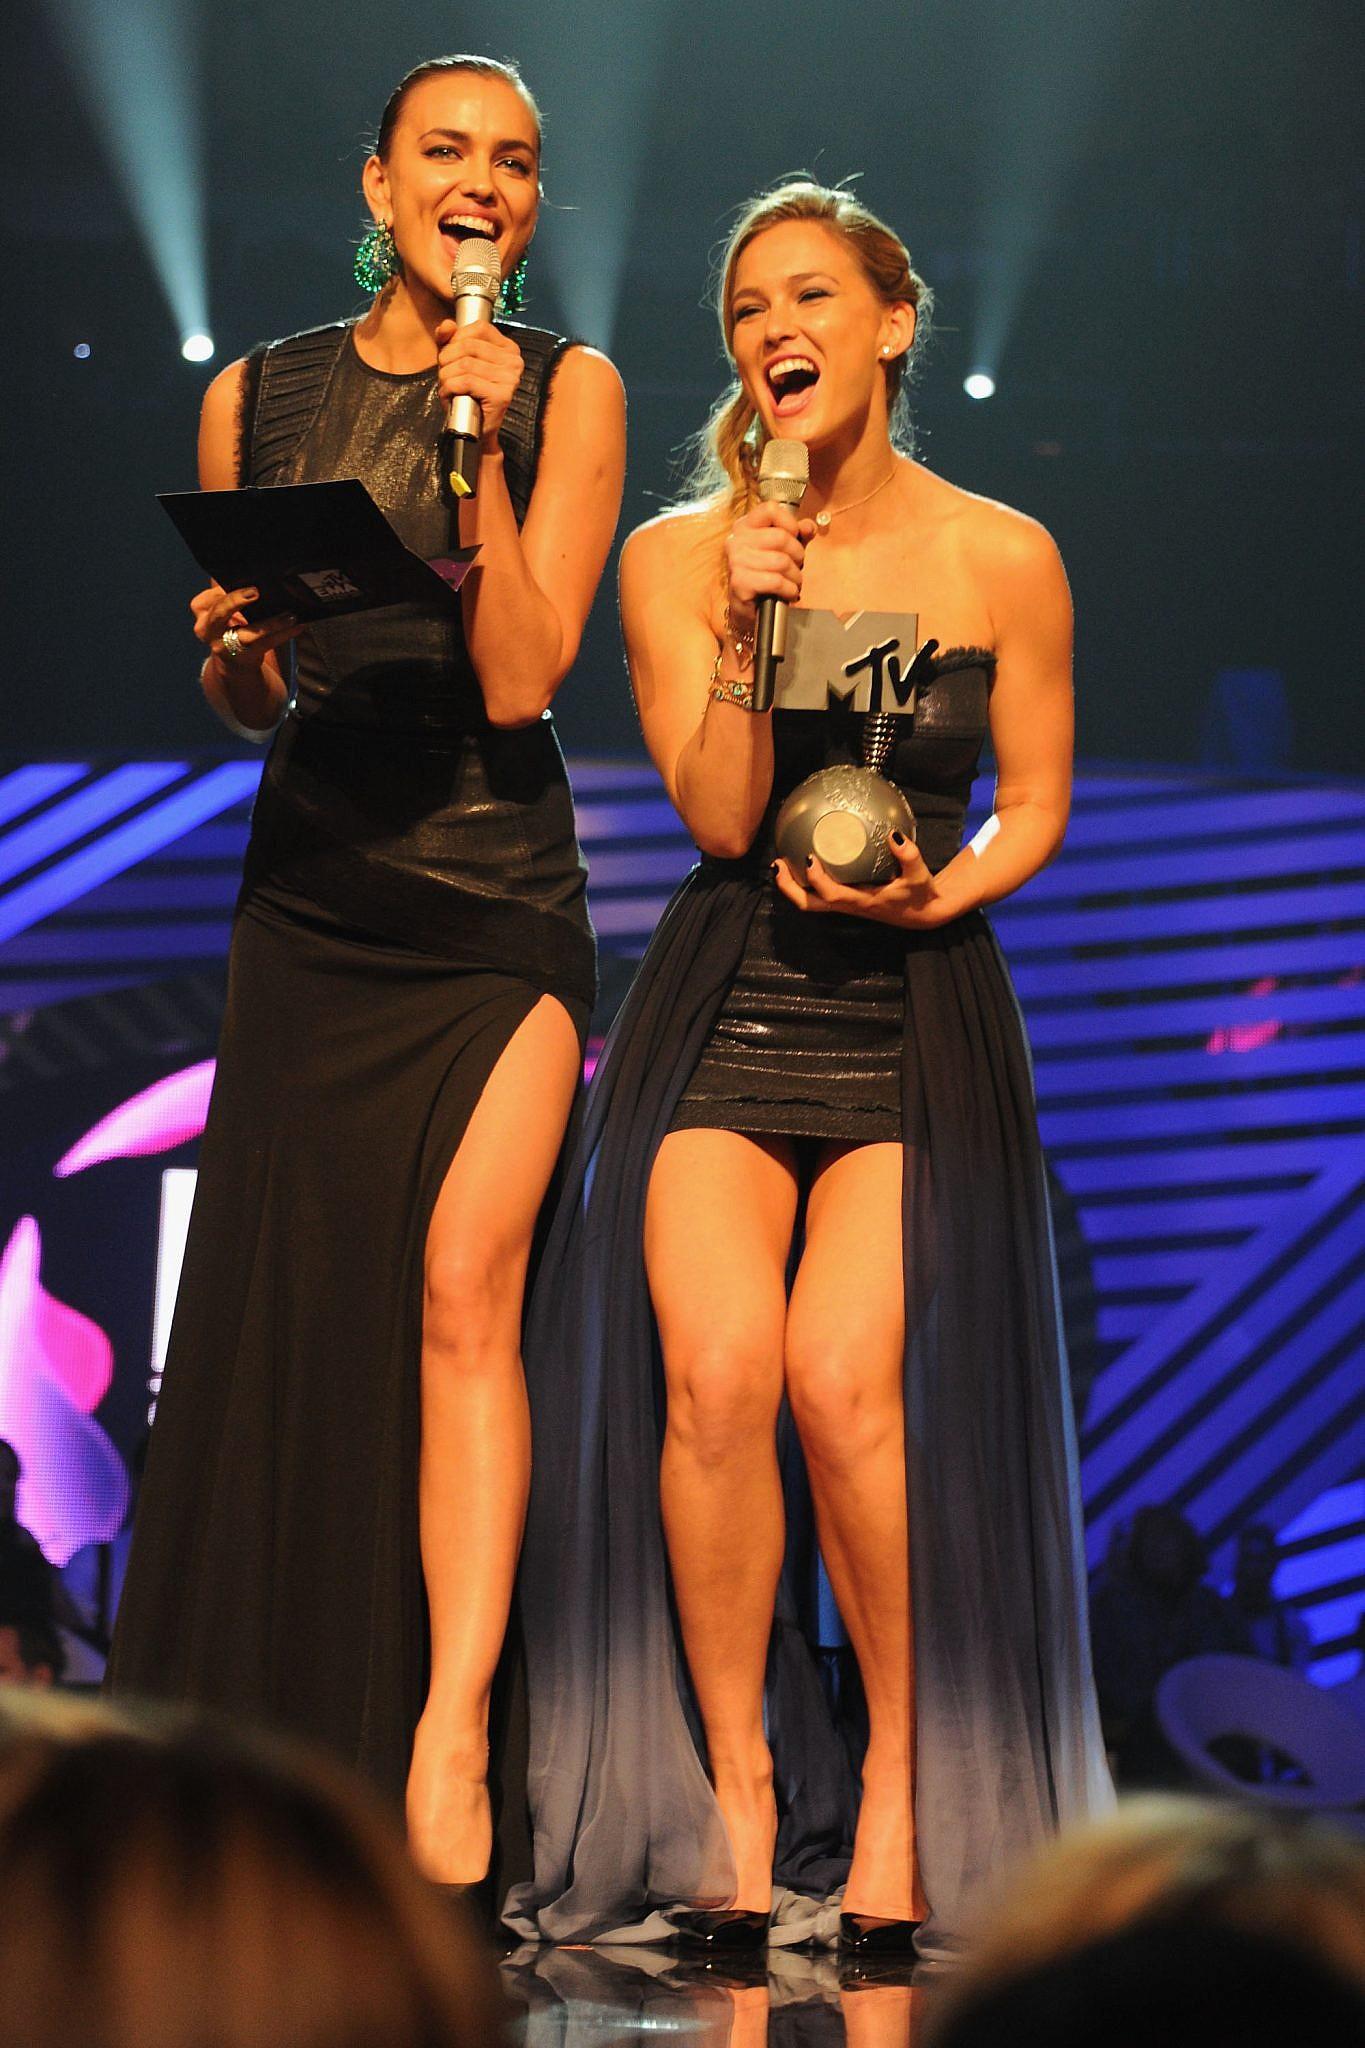 מגישה פרס בטקס פרסי ה-MTV עם אירינה שייק, 2011   צילום: Dave Benett/Getty Images